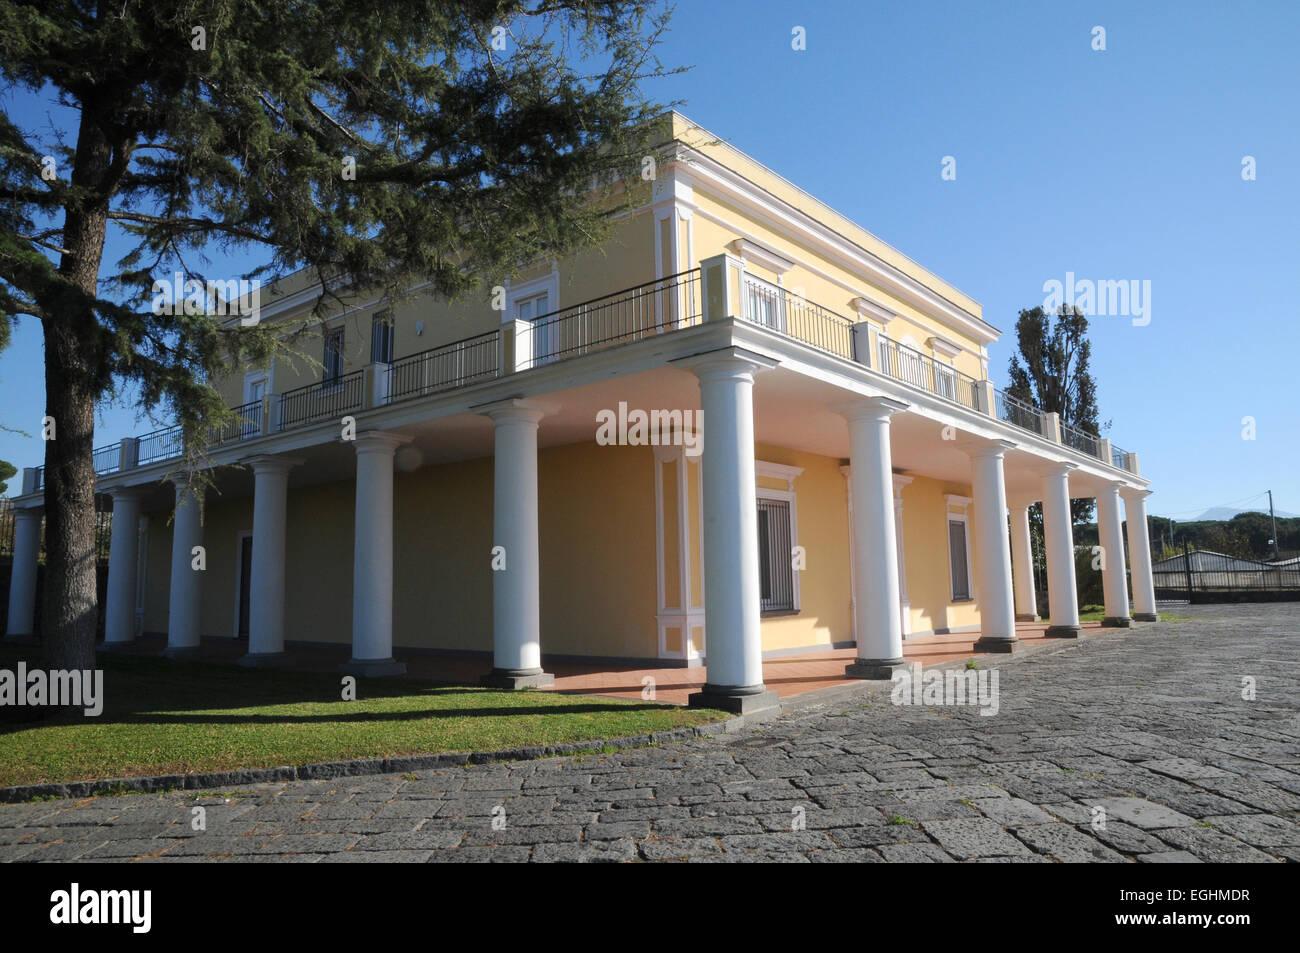 Villa delle ginestre giacomo leopardi torre del greco for Case neoclassiche